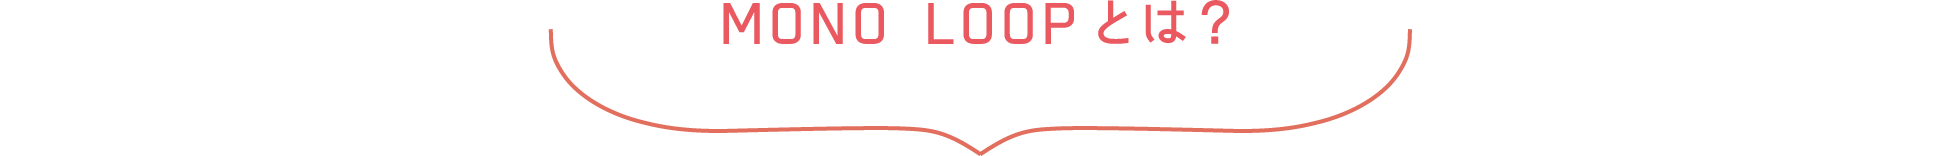 MONO LOOP(モノ・ループ)とは?